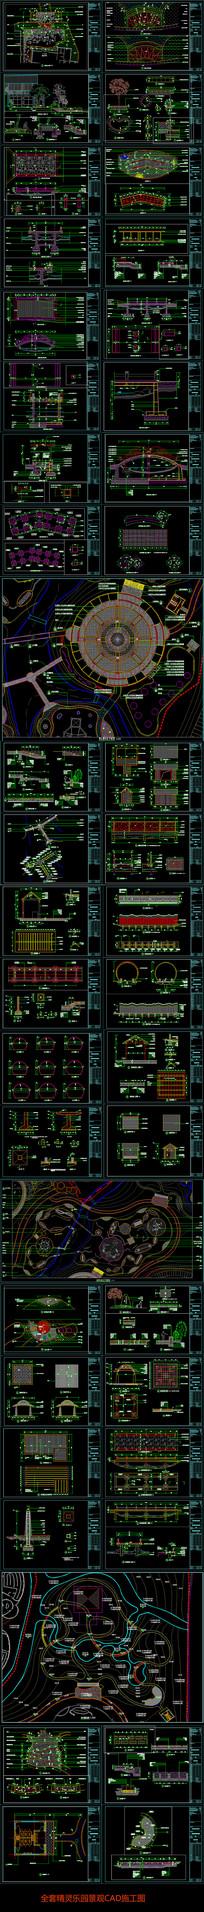 圣井山精灵乐园景观CAD施工图